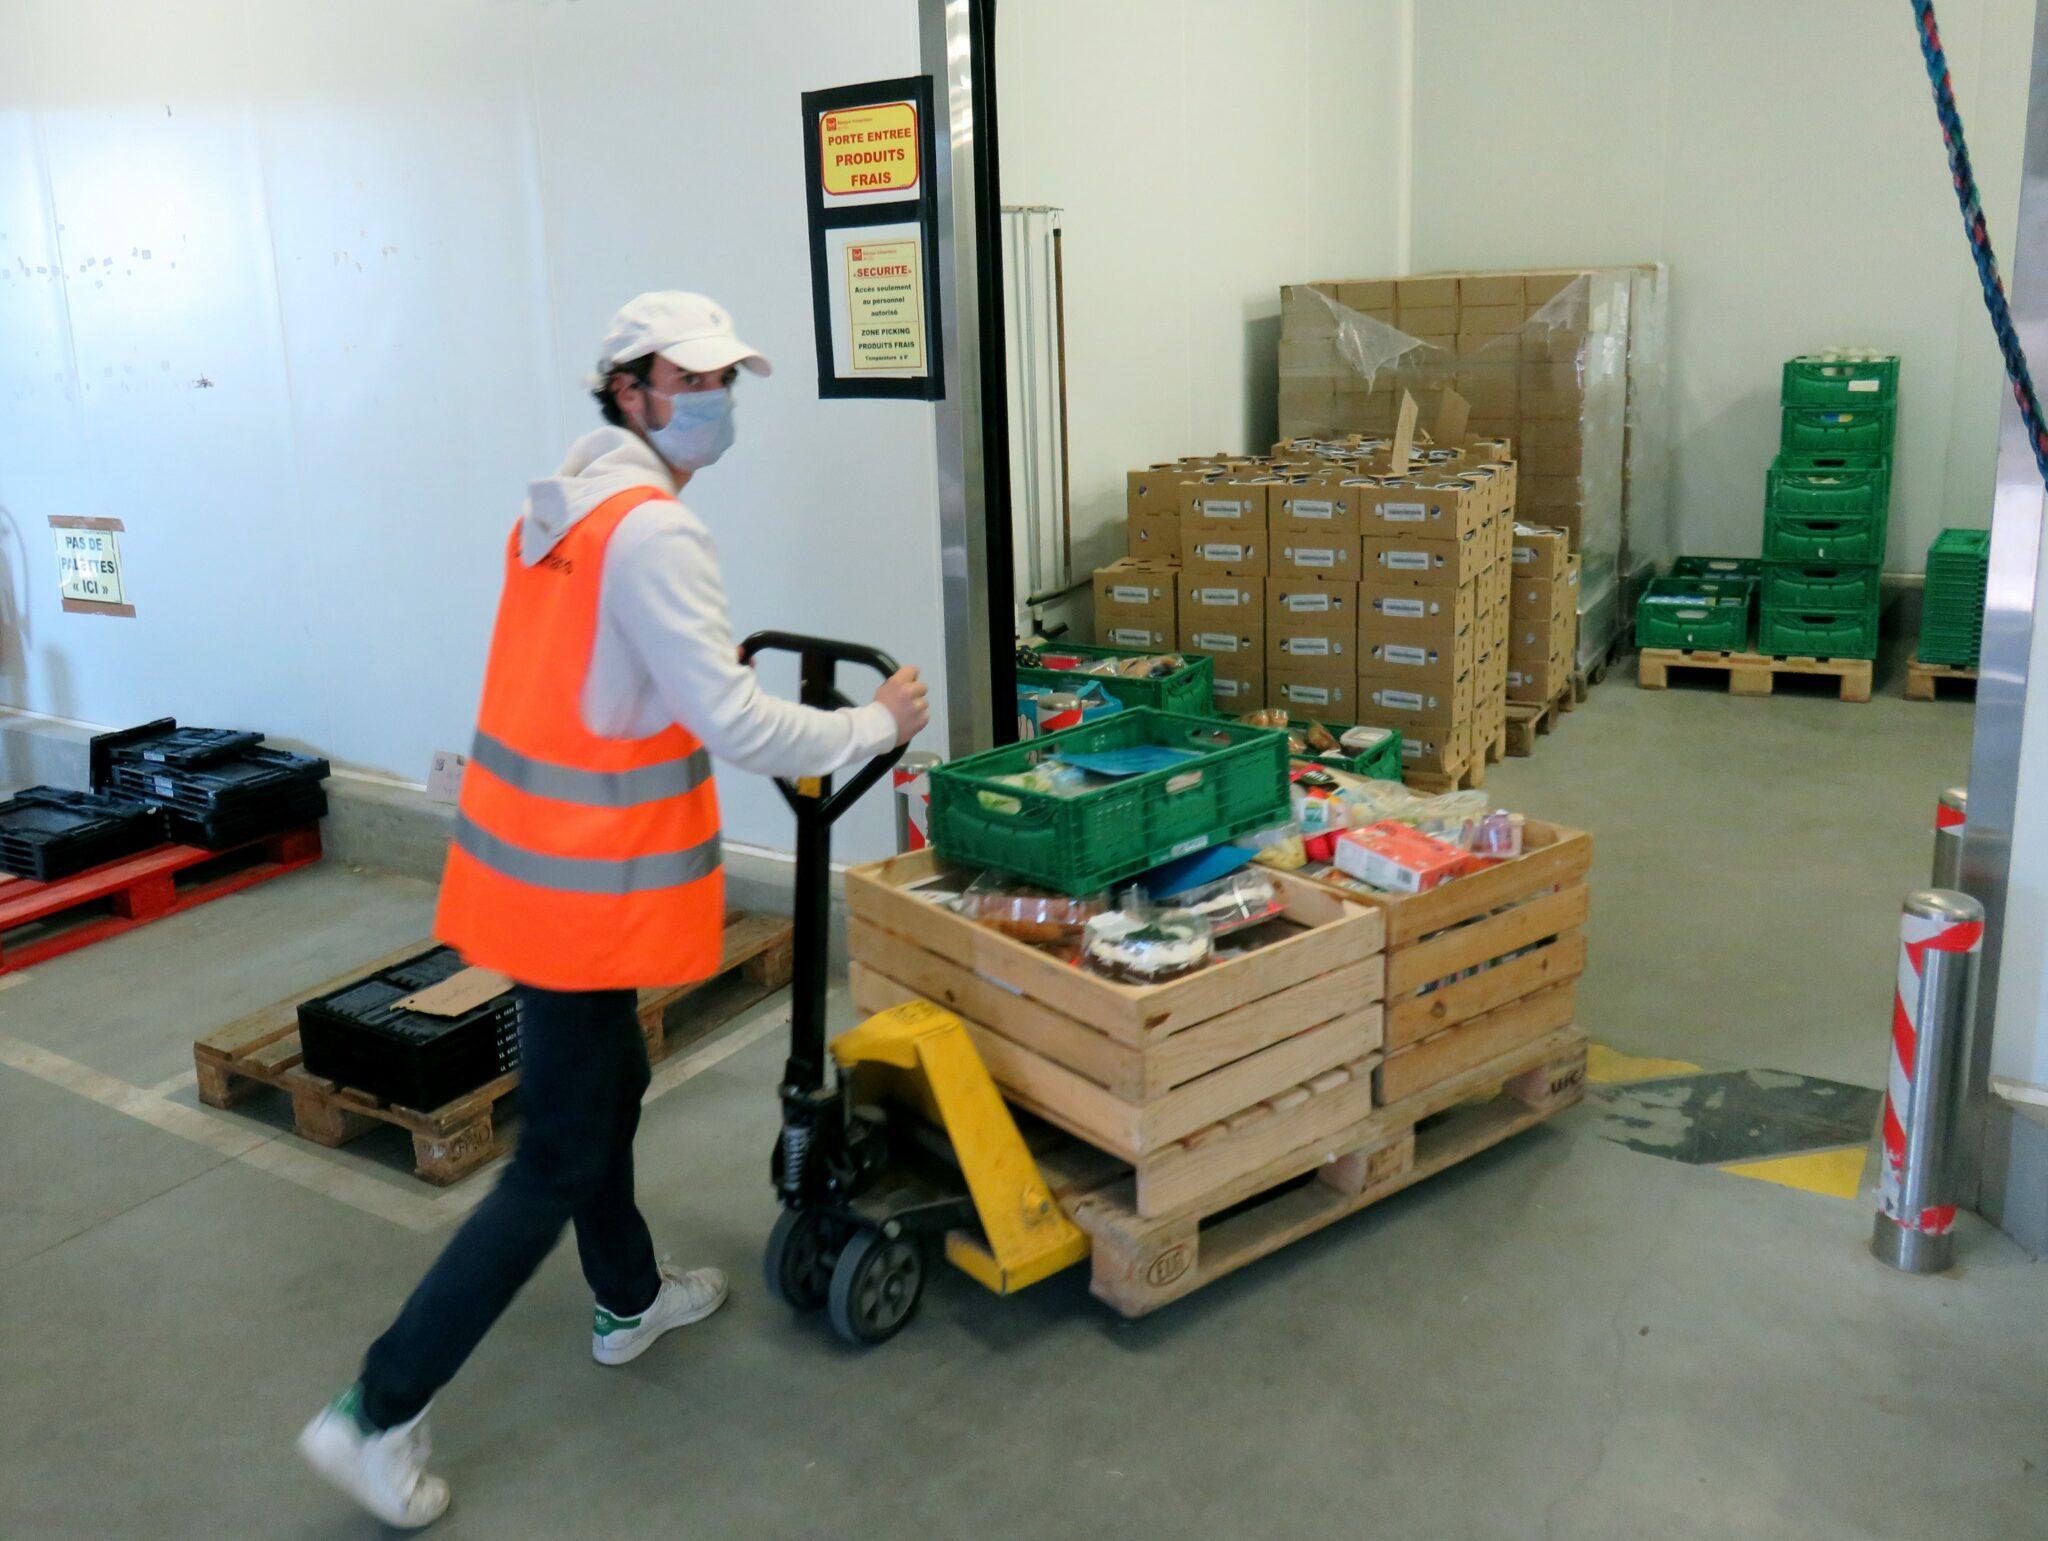 banque alimentaire ain approvisionnement et distribution